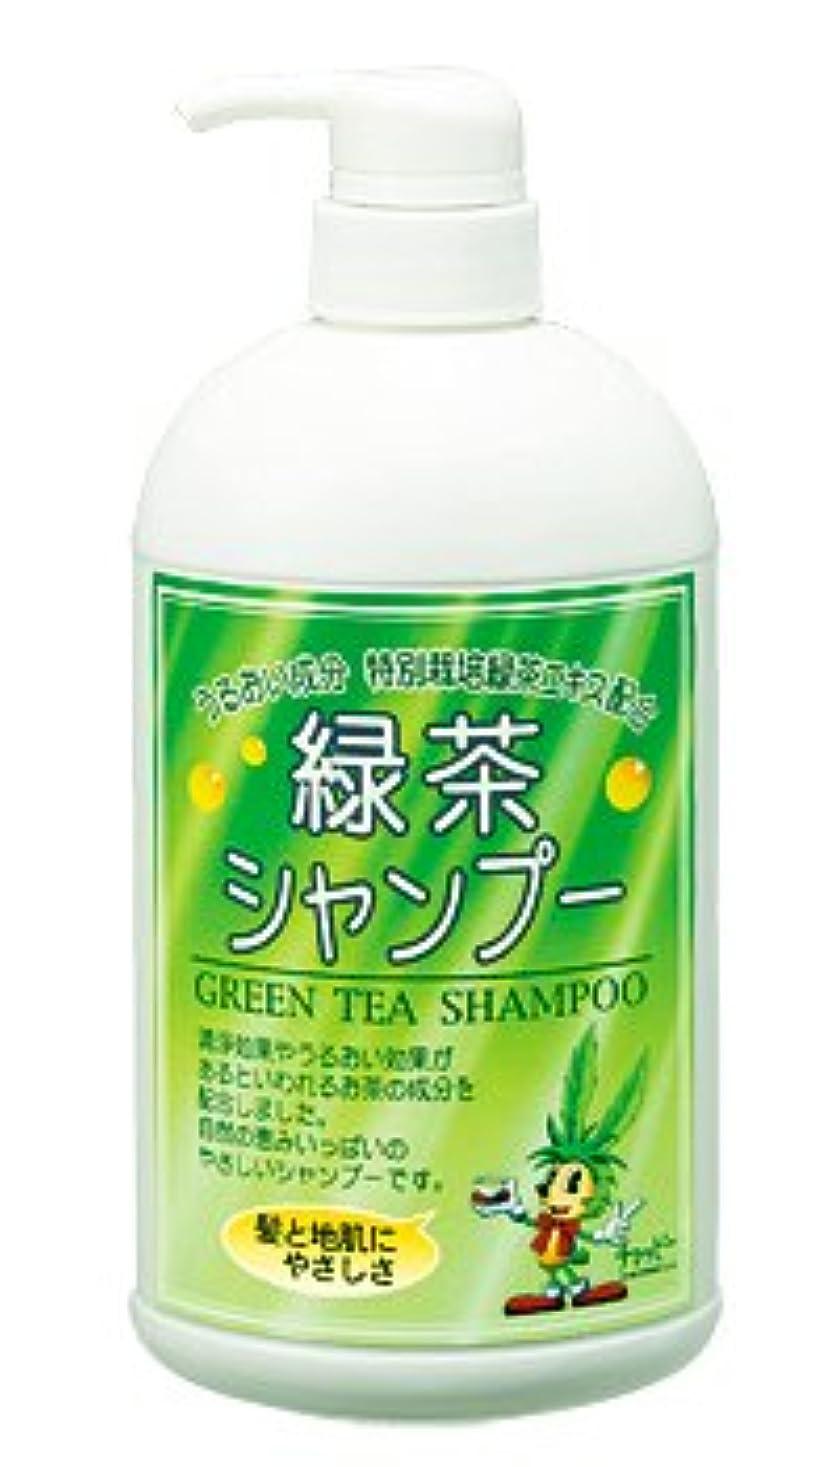 足枷応じる花弁緑茶シャンプー 550ml